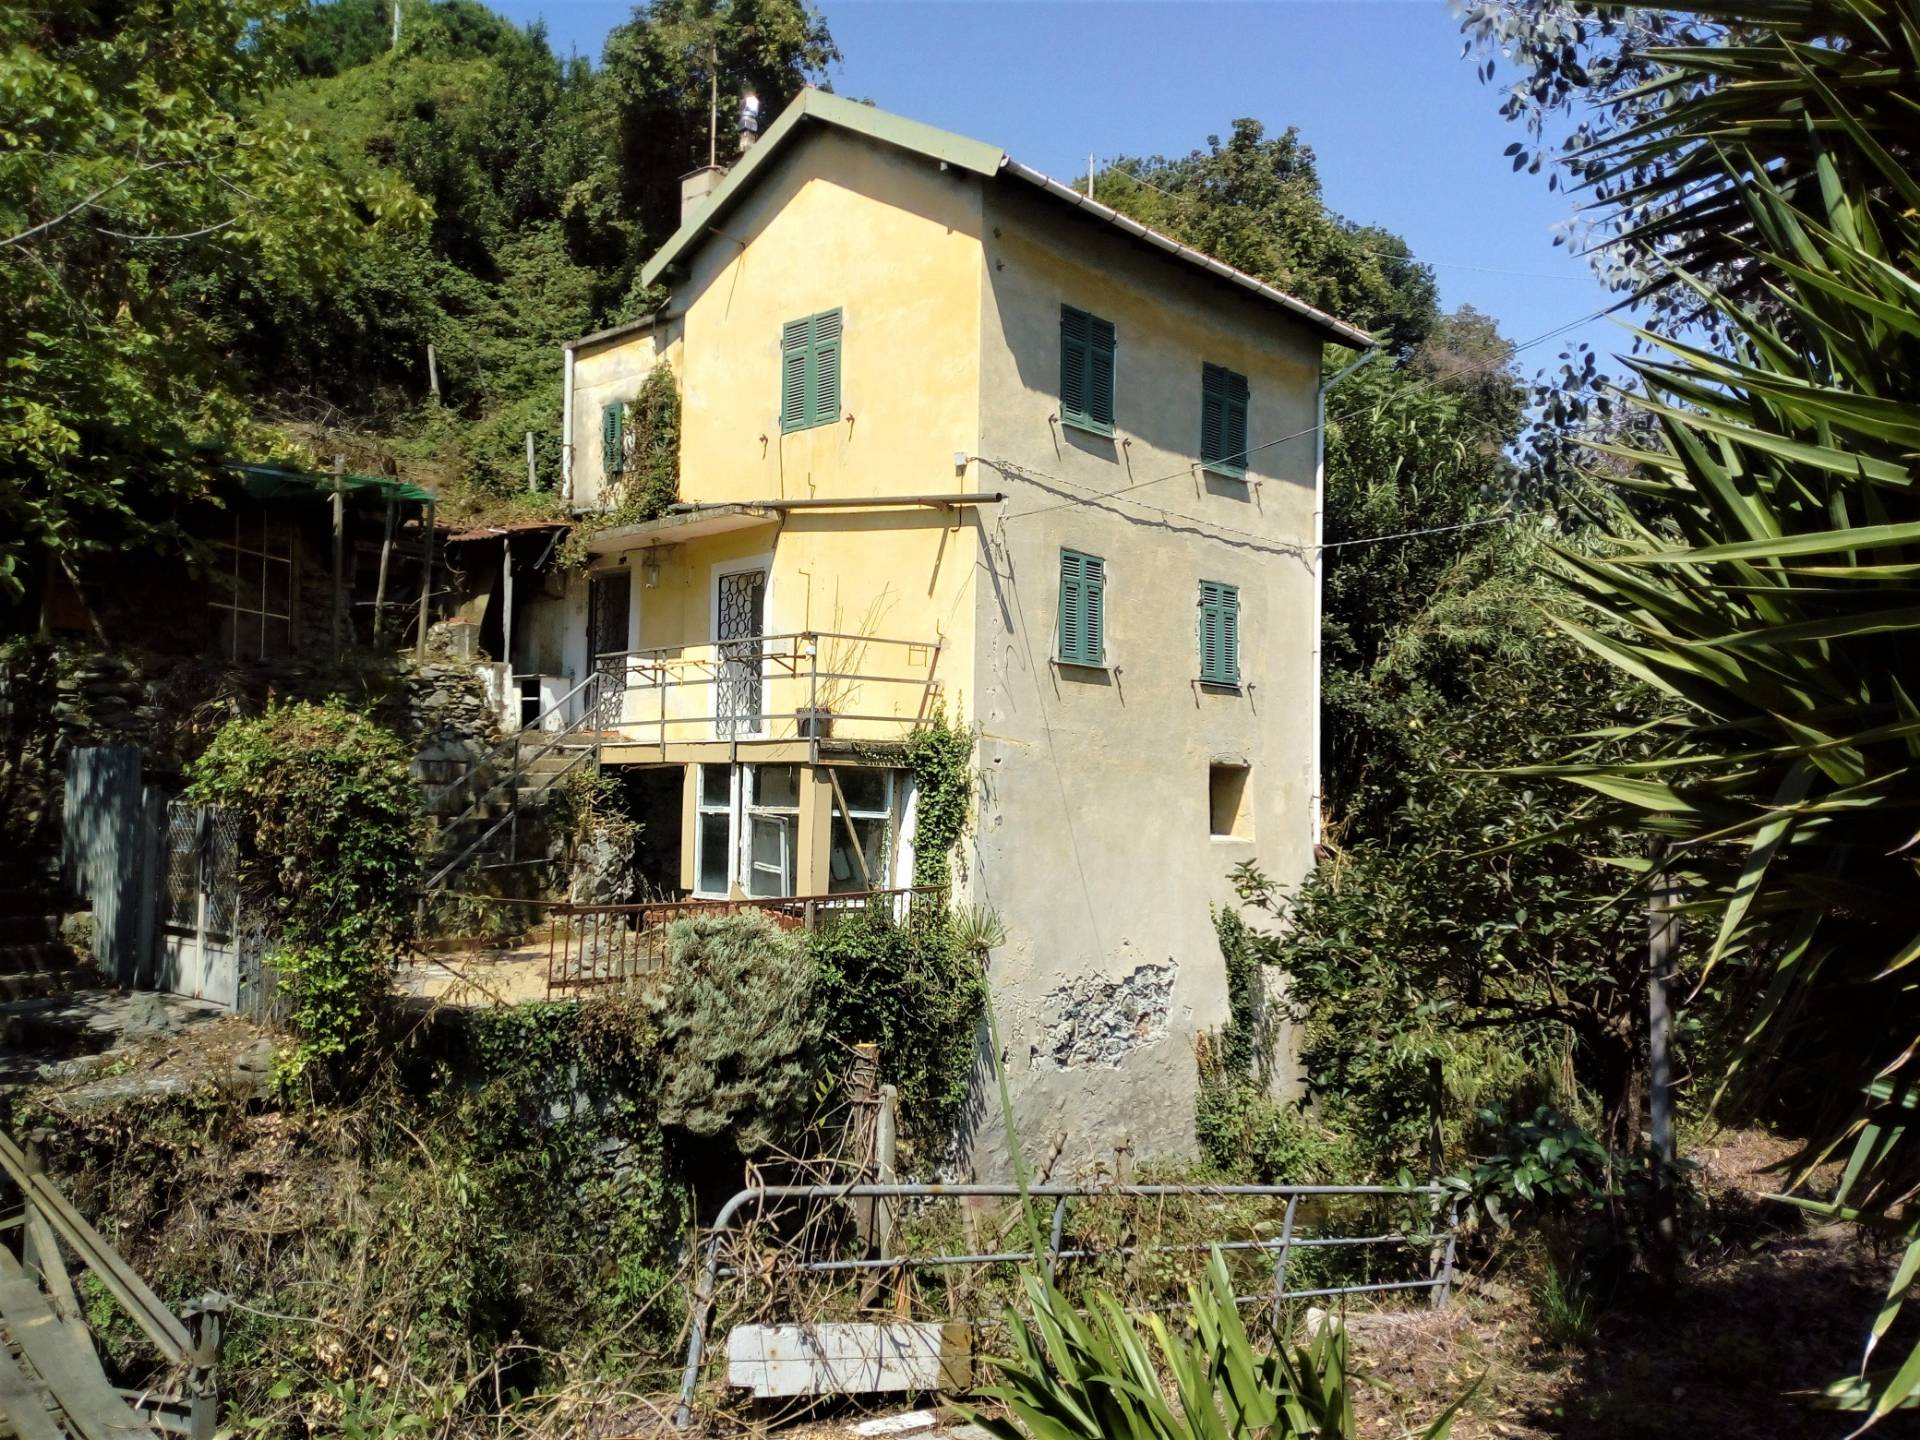 Soluzione Indipendente in vendita a Celle Ligure, 6 locali, prezzo € 230.000 | PortaleAgenzieImmobiliari.it